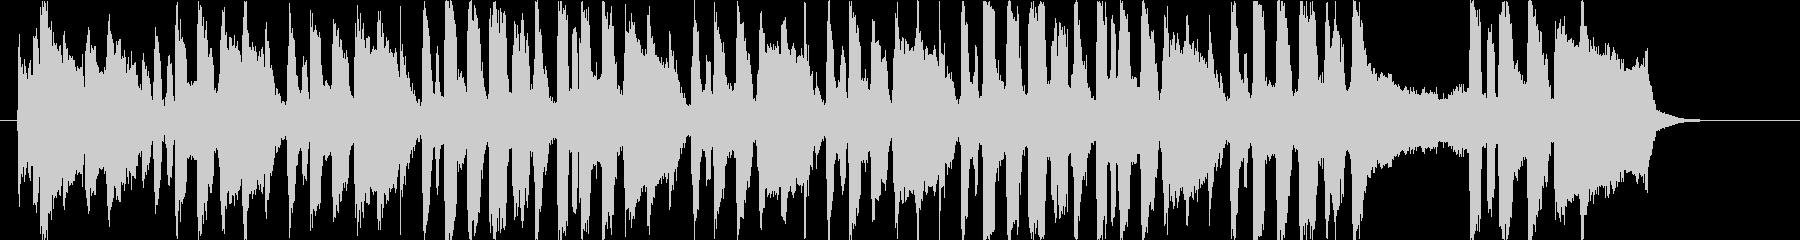 誕生日の歌(ワルツver) 【ヒマリ】の未再生の波形